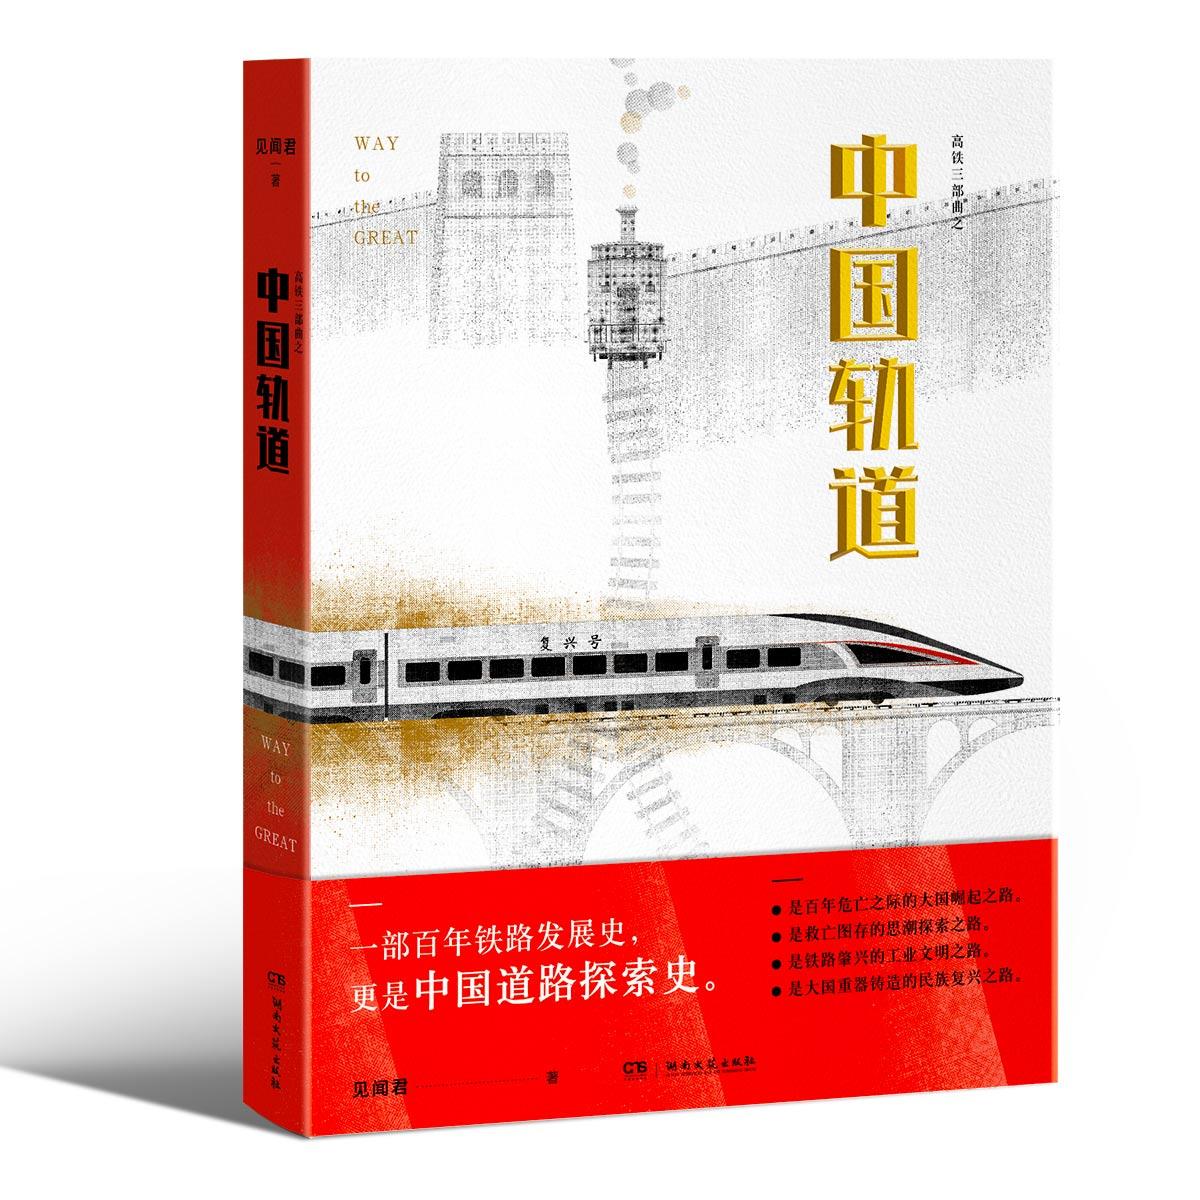 中国轨道.jpg